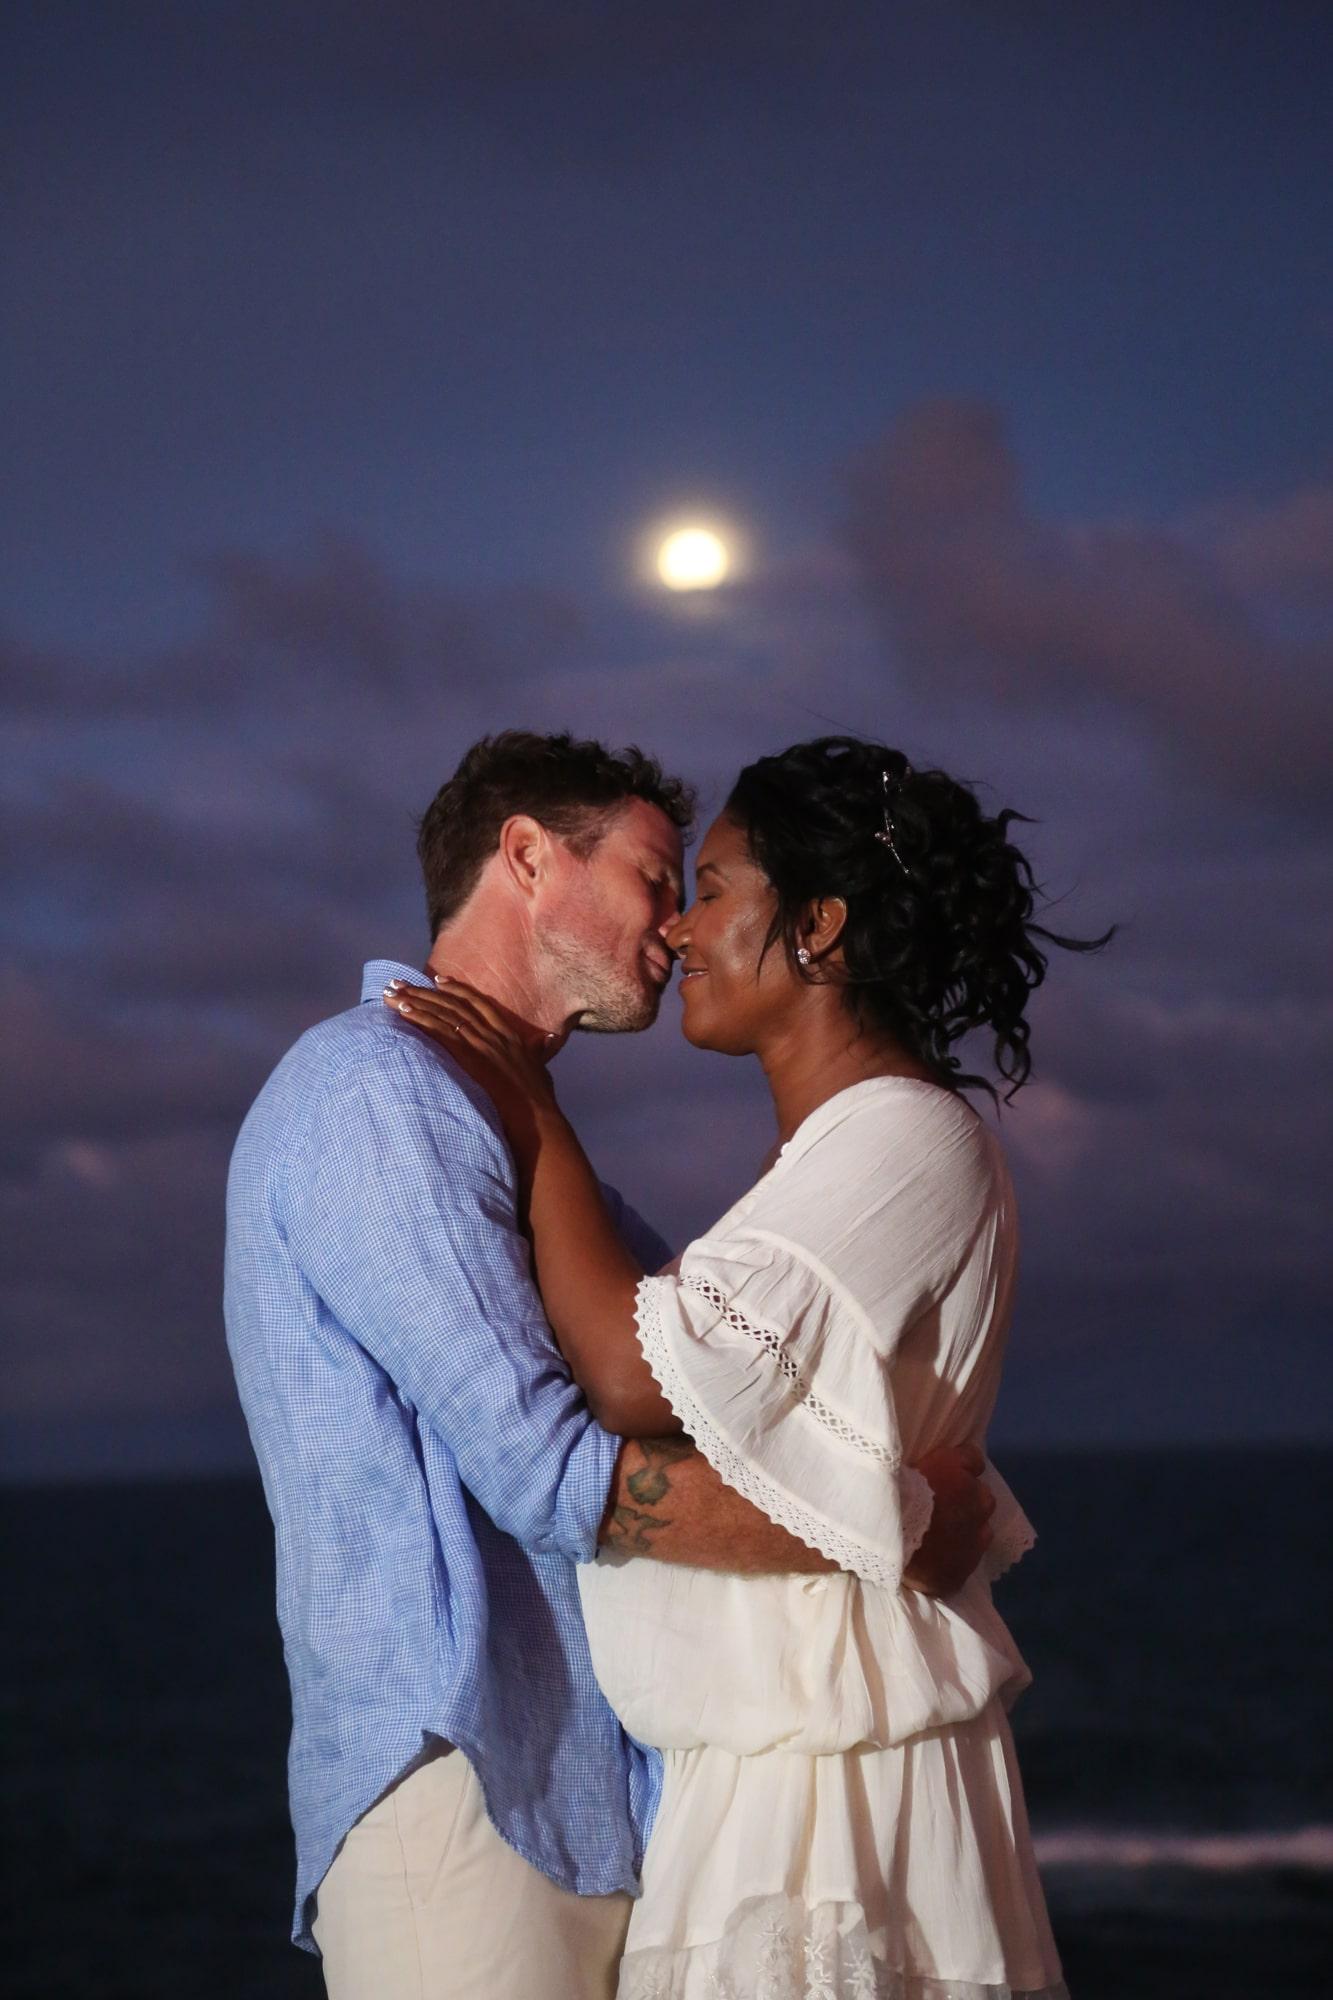 Kiss under moonlight